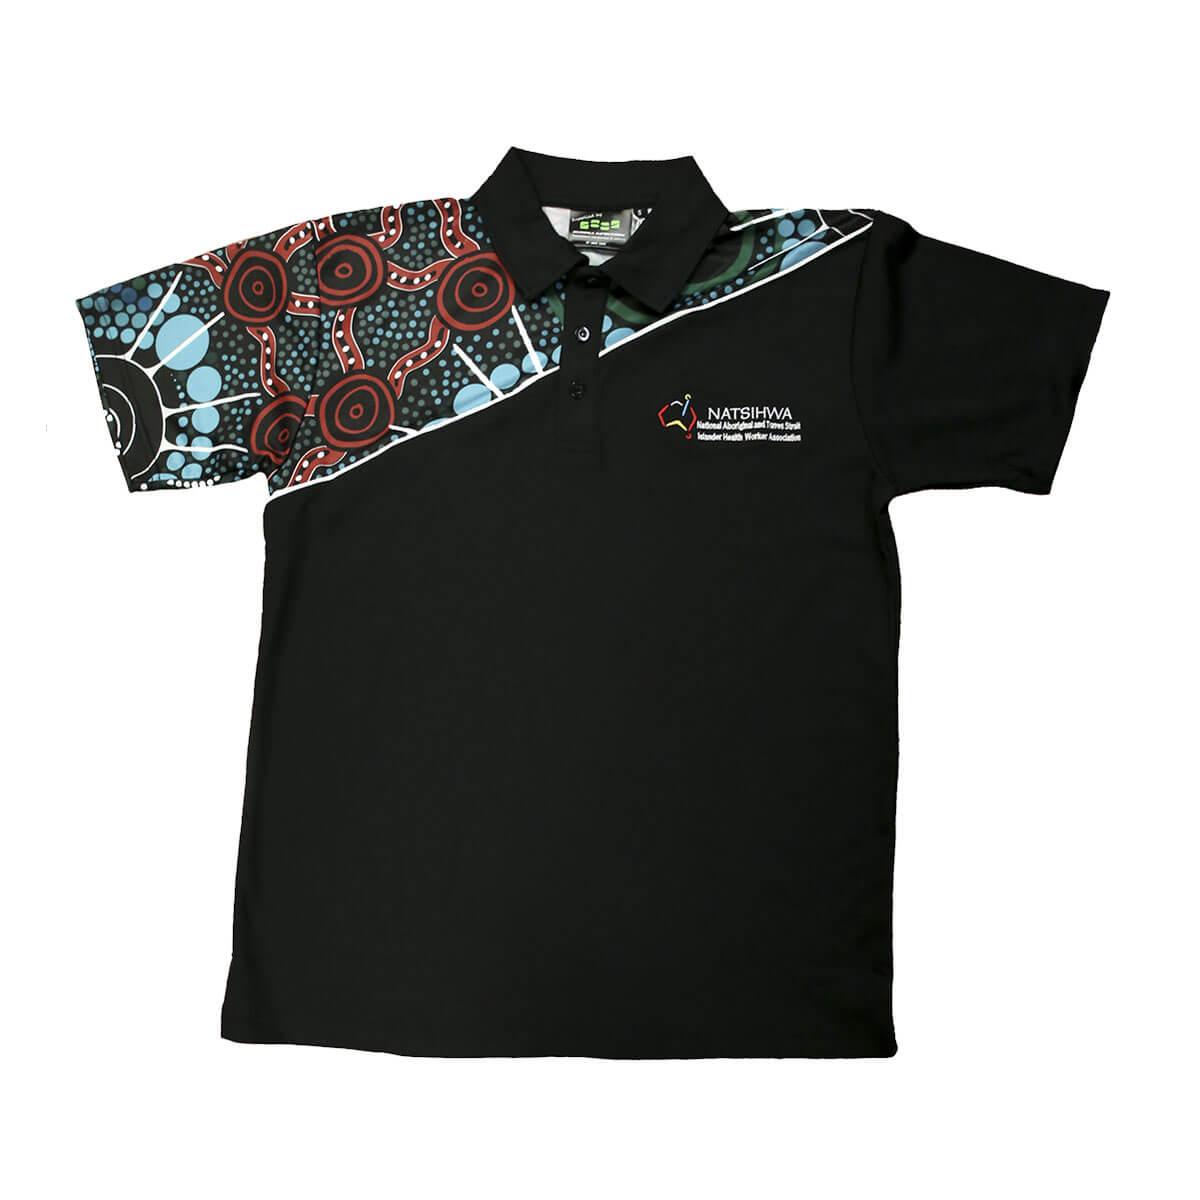 Purchase NATSIHWA Polo Shirts Online